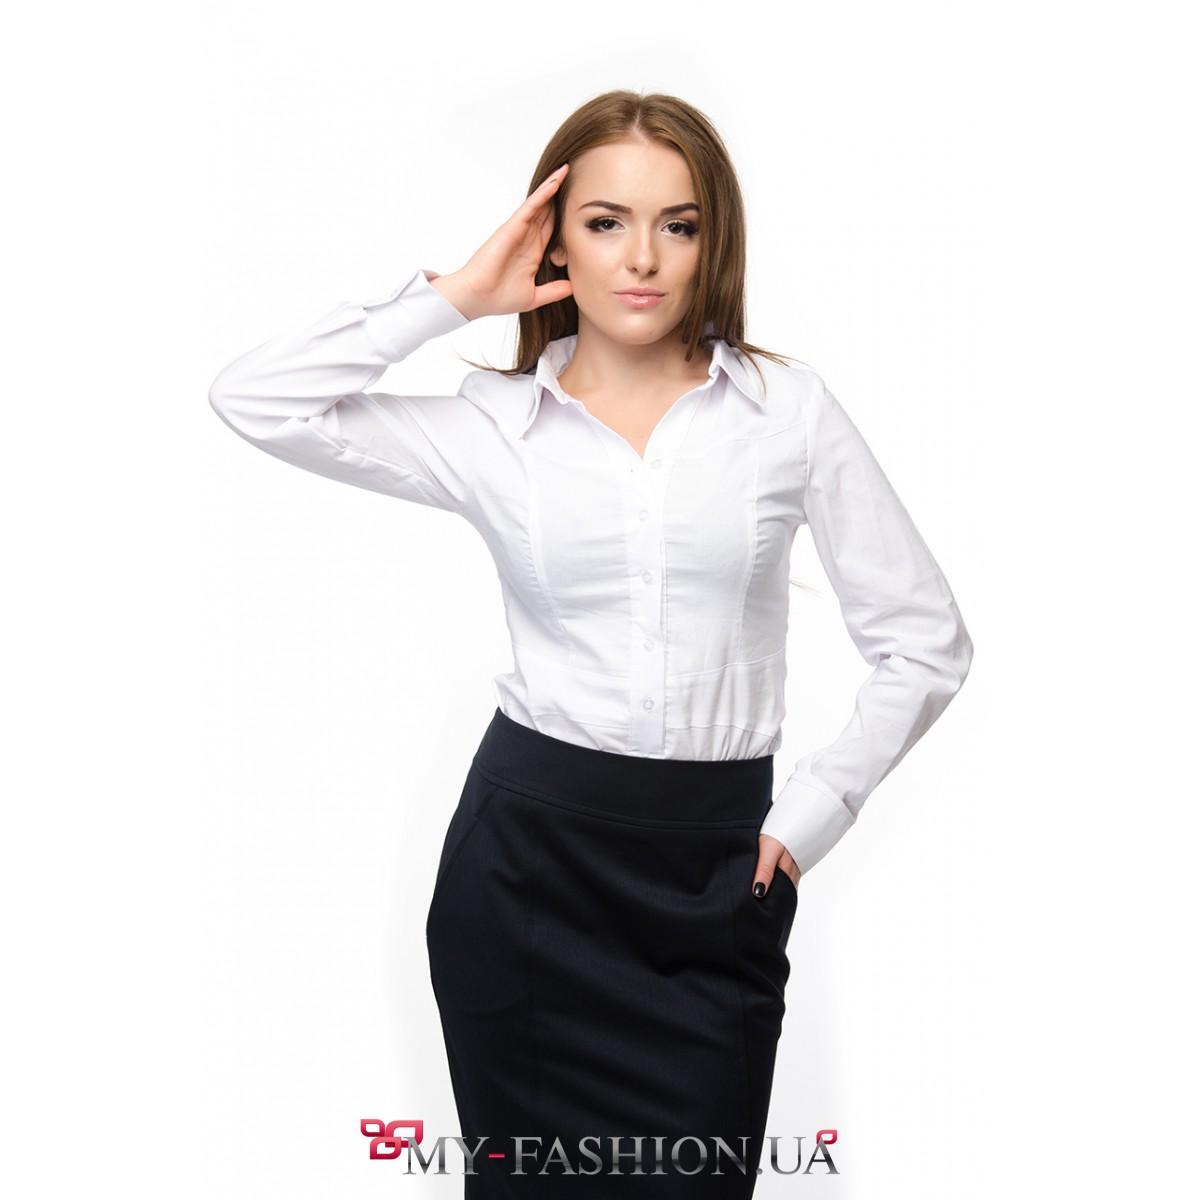 Блузки женские недорого интернет магазин доставка